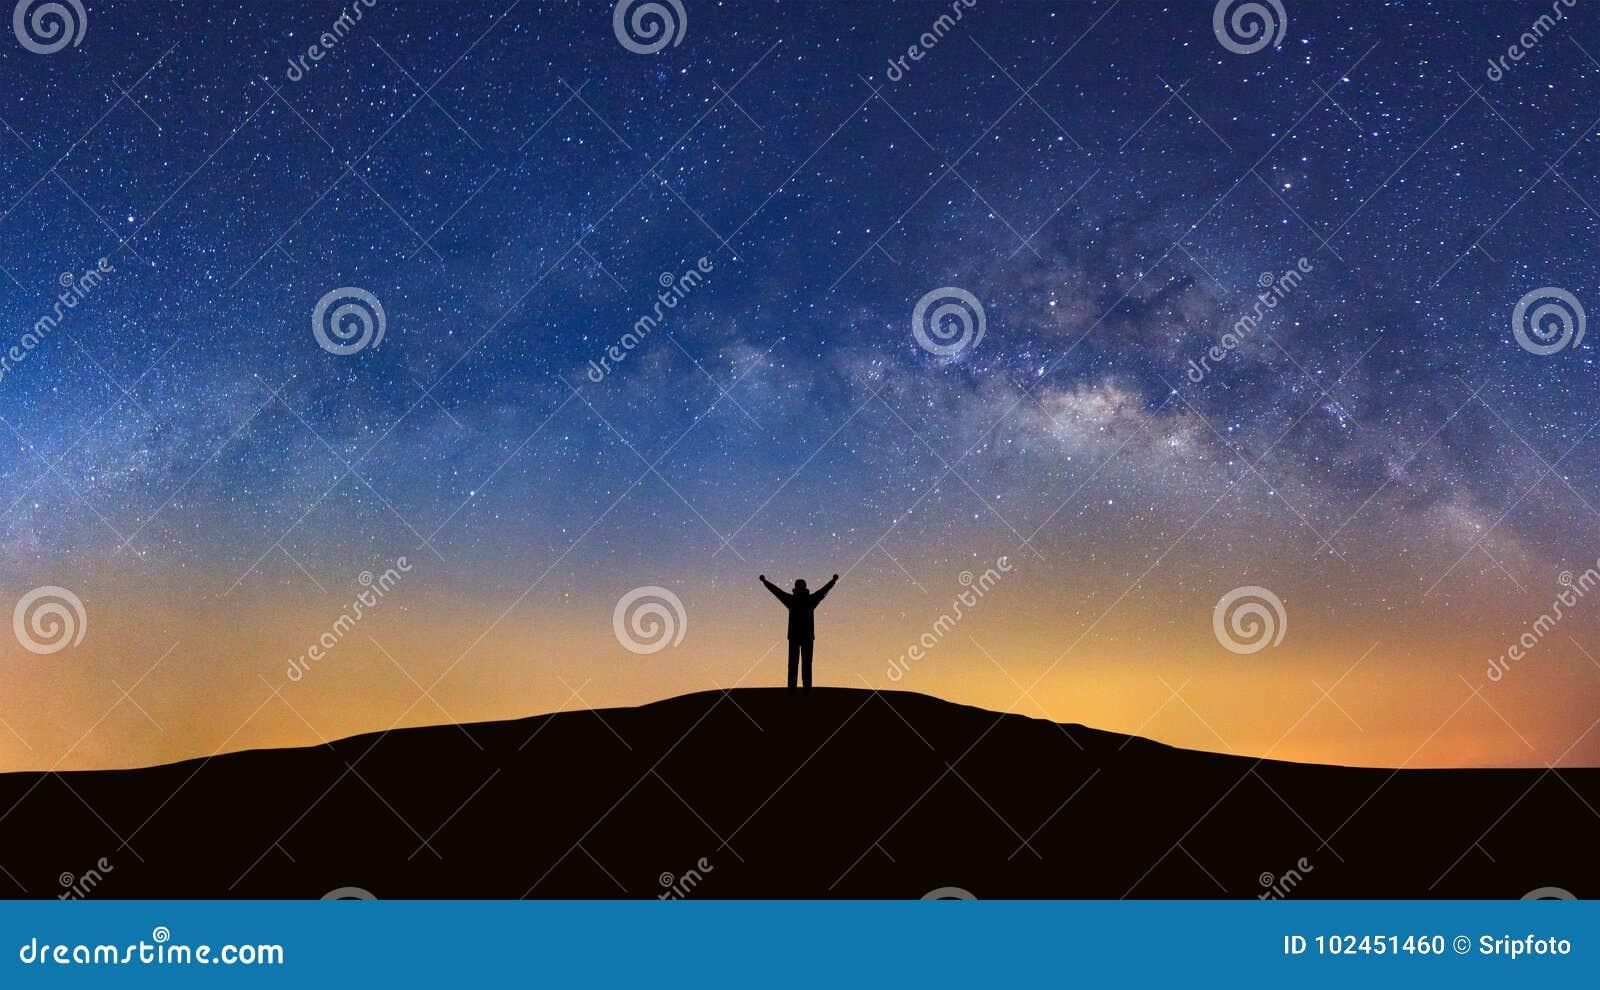 Panoramalandschap met melkachtige manier, Nachthemel met sterren en silh